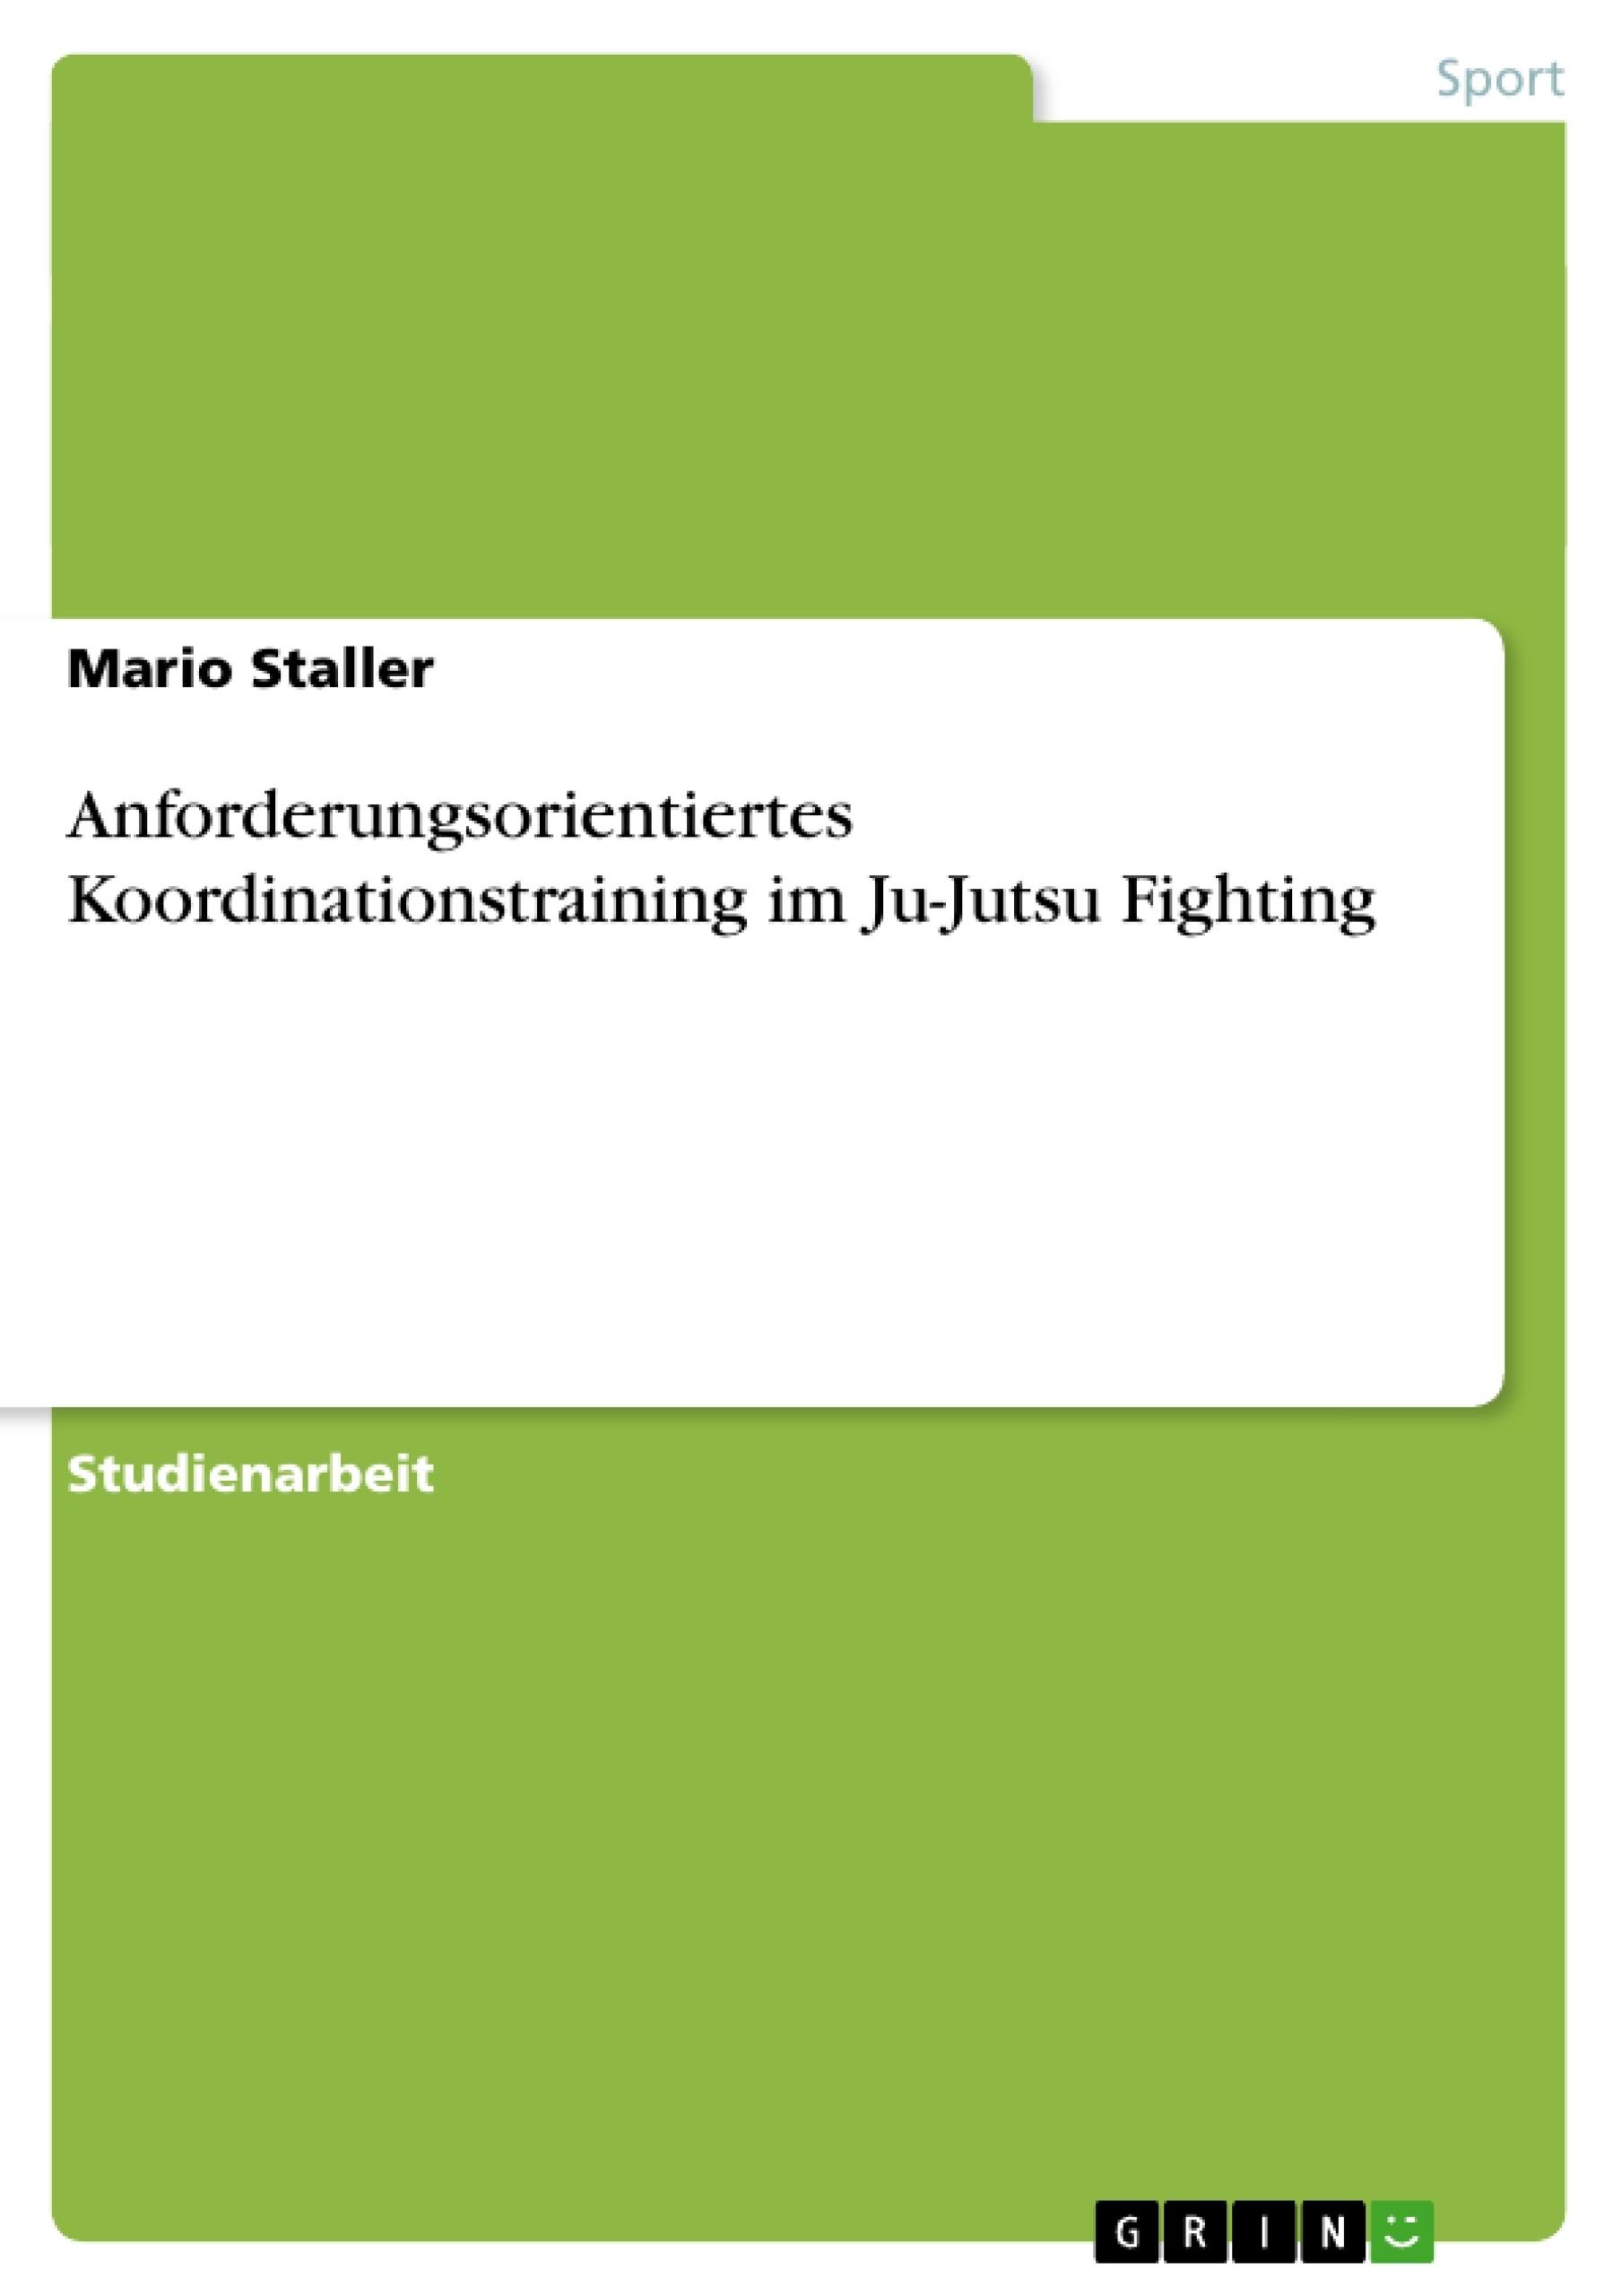 Titel: Anforderungsorientiertes Koordinationstraining im Ju-Jutsu Fighting